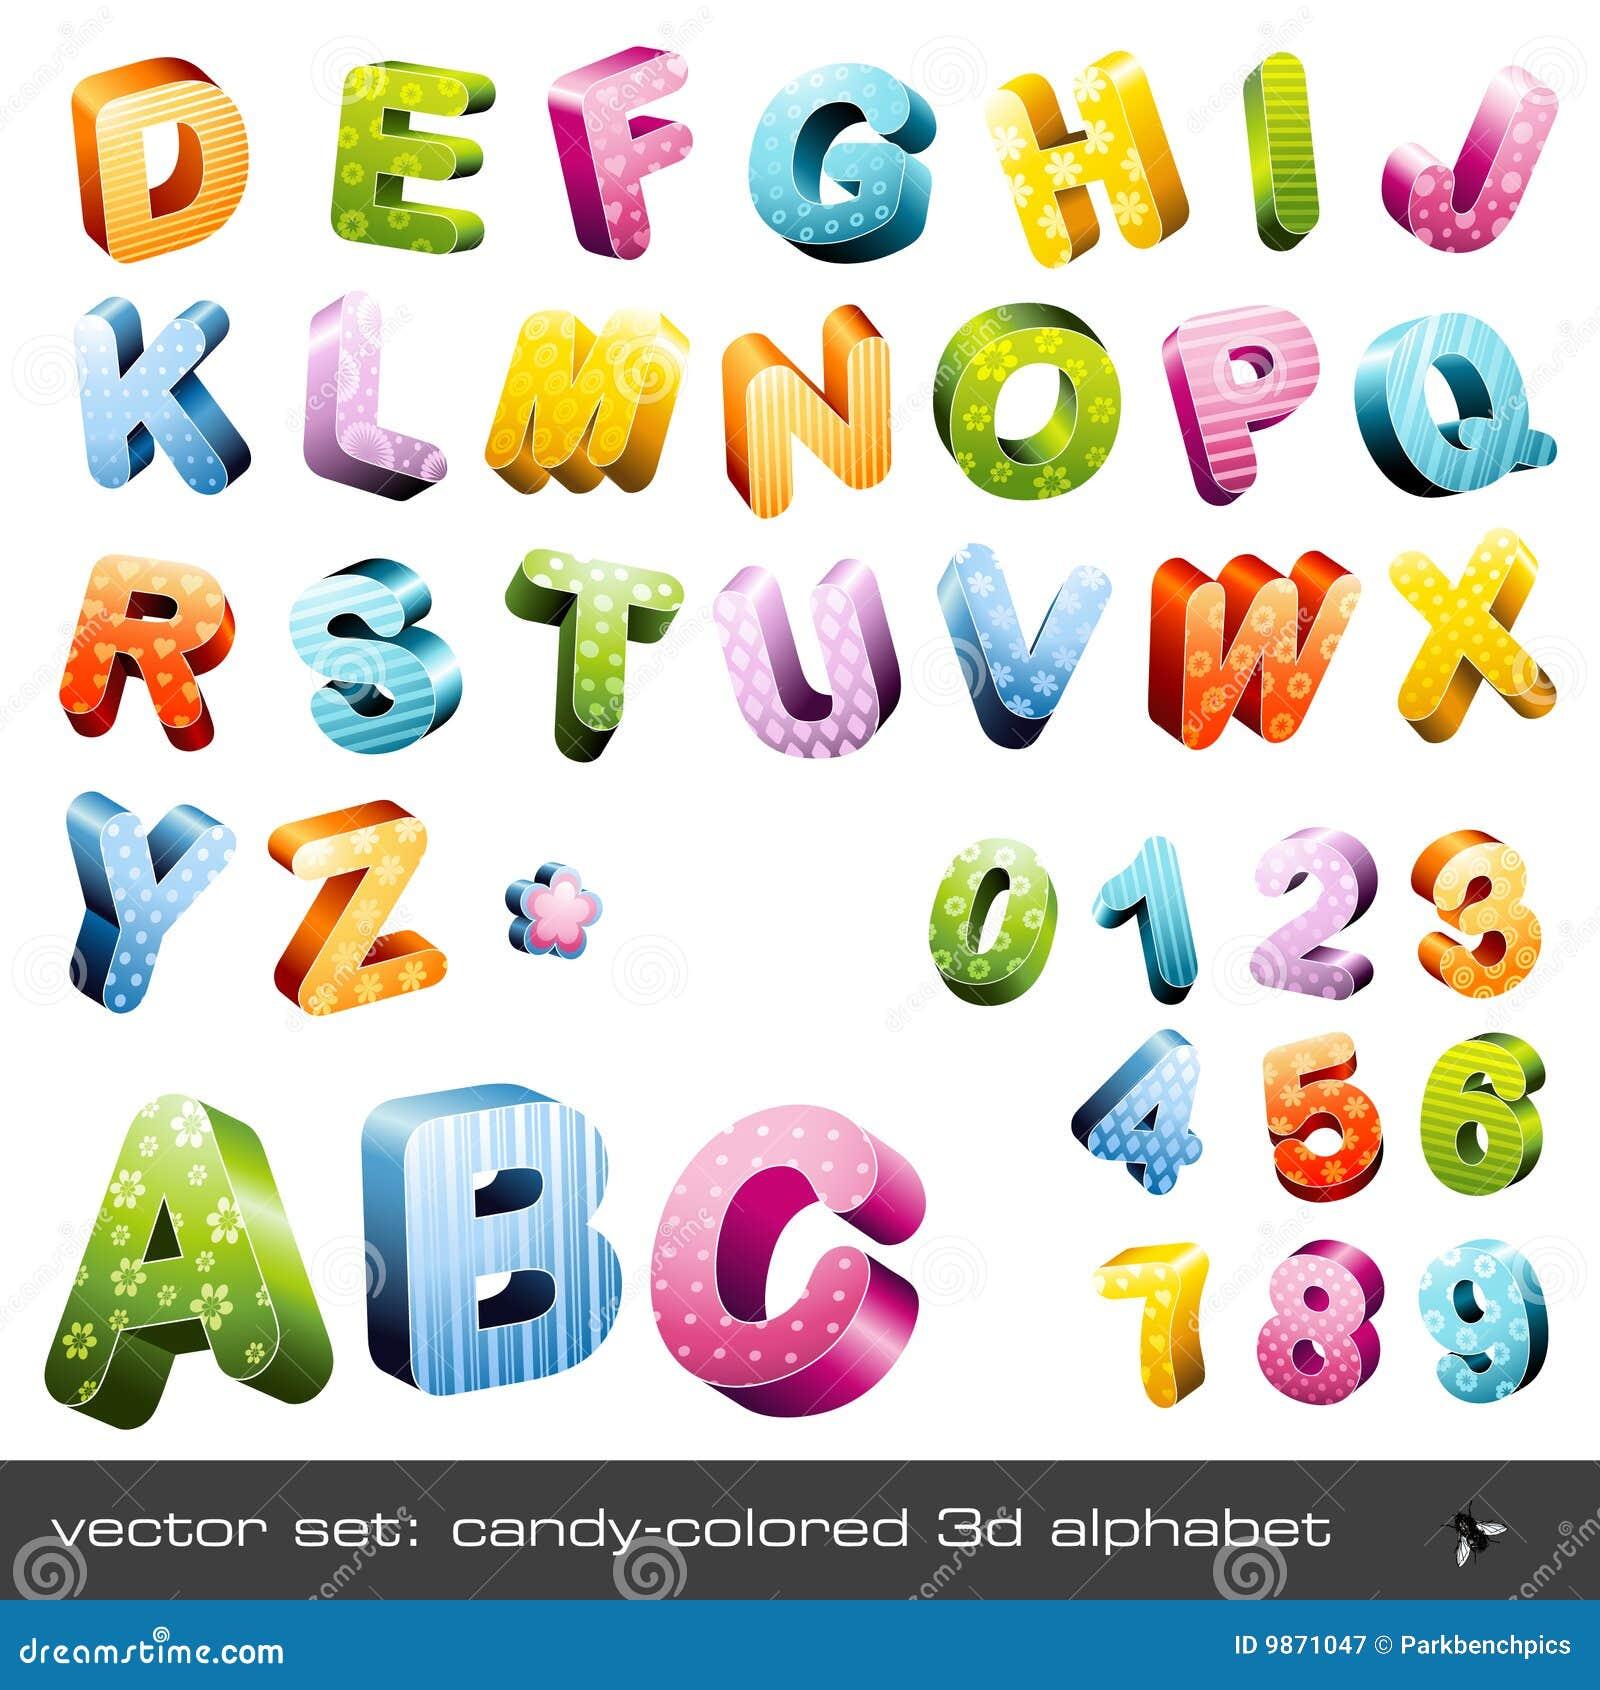 Cute Alphabet Letters Cute candy-colored 3d alphabet